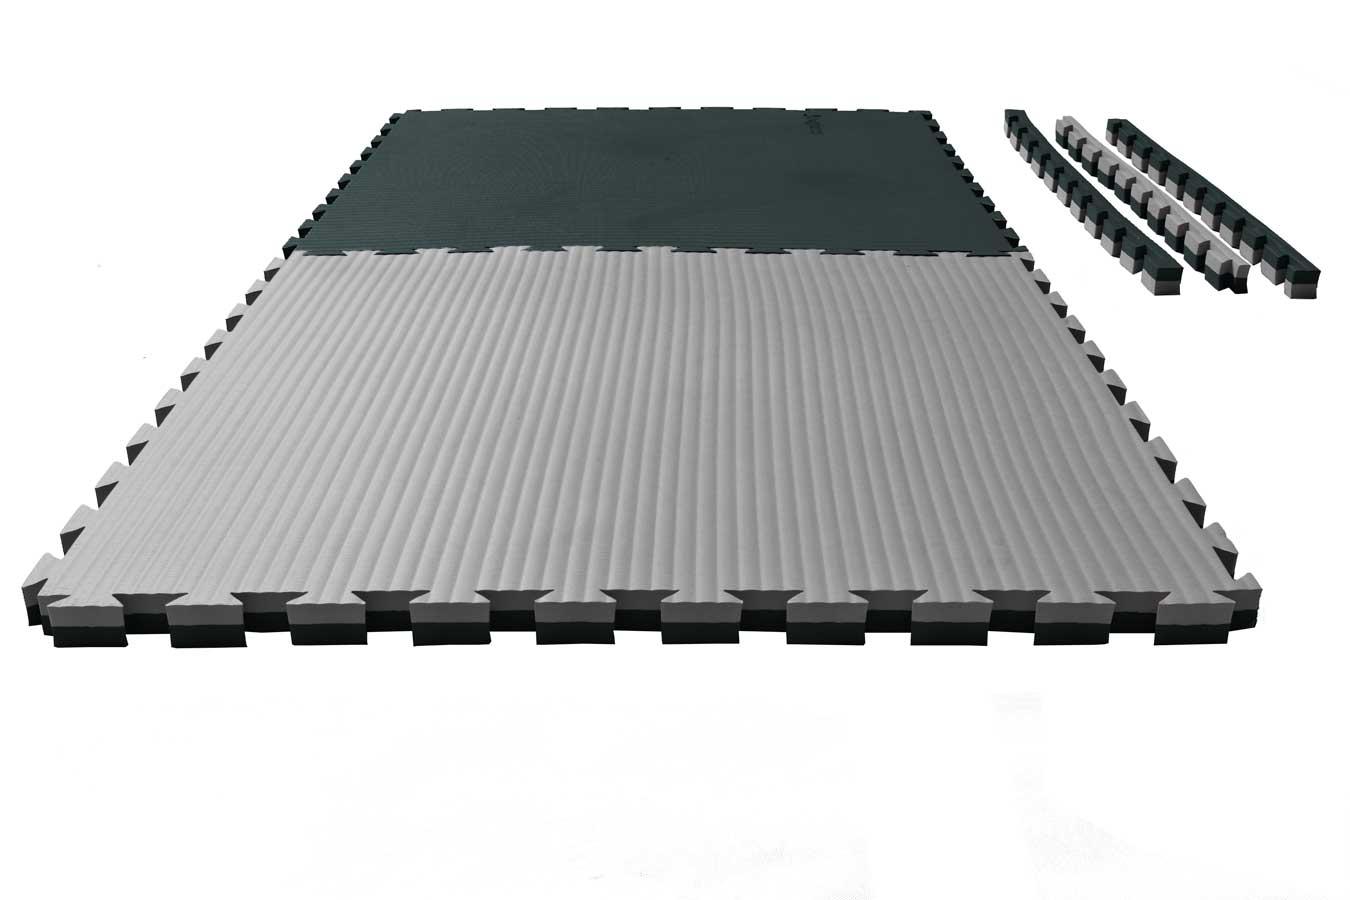 puzzlematte 39 tatami 39 4 cm schwarz grau wendematte kaufen bei ju sports. Black Bedroom Furniture Sets. Home Design Ideas